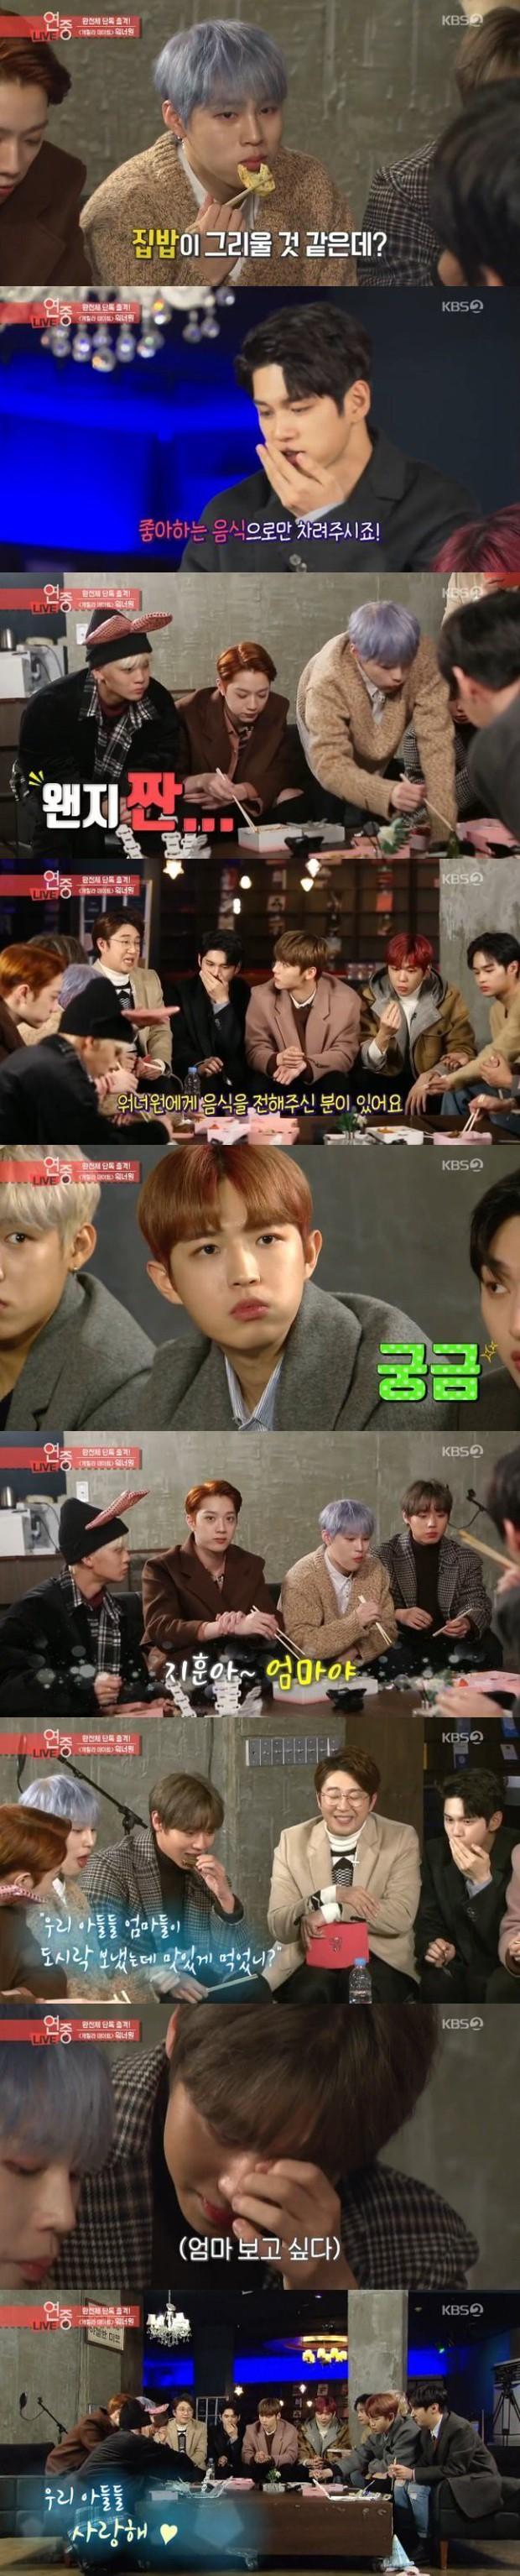 Wanna One đã sẵn sàng cho việc tan rã và đây là câu nói khiến fan nhói lòng của Kang Daniel! - Ảnh 2.